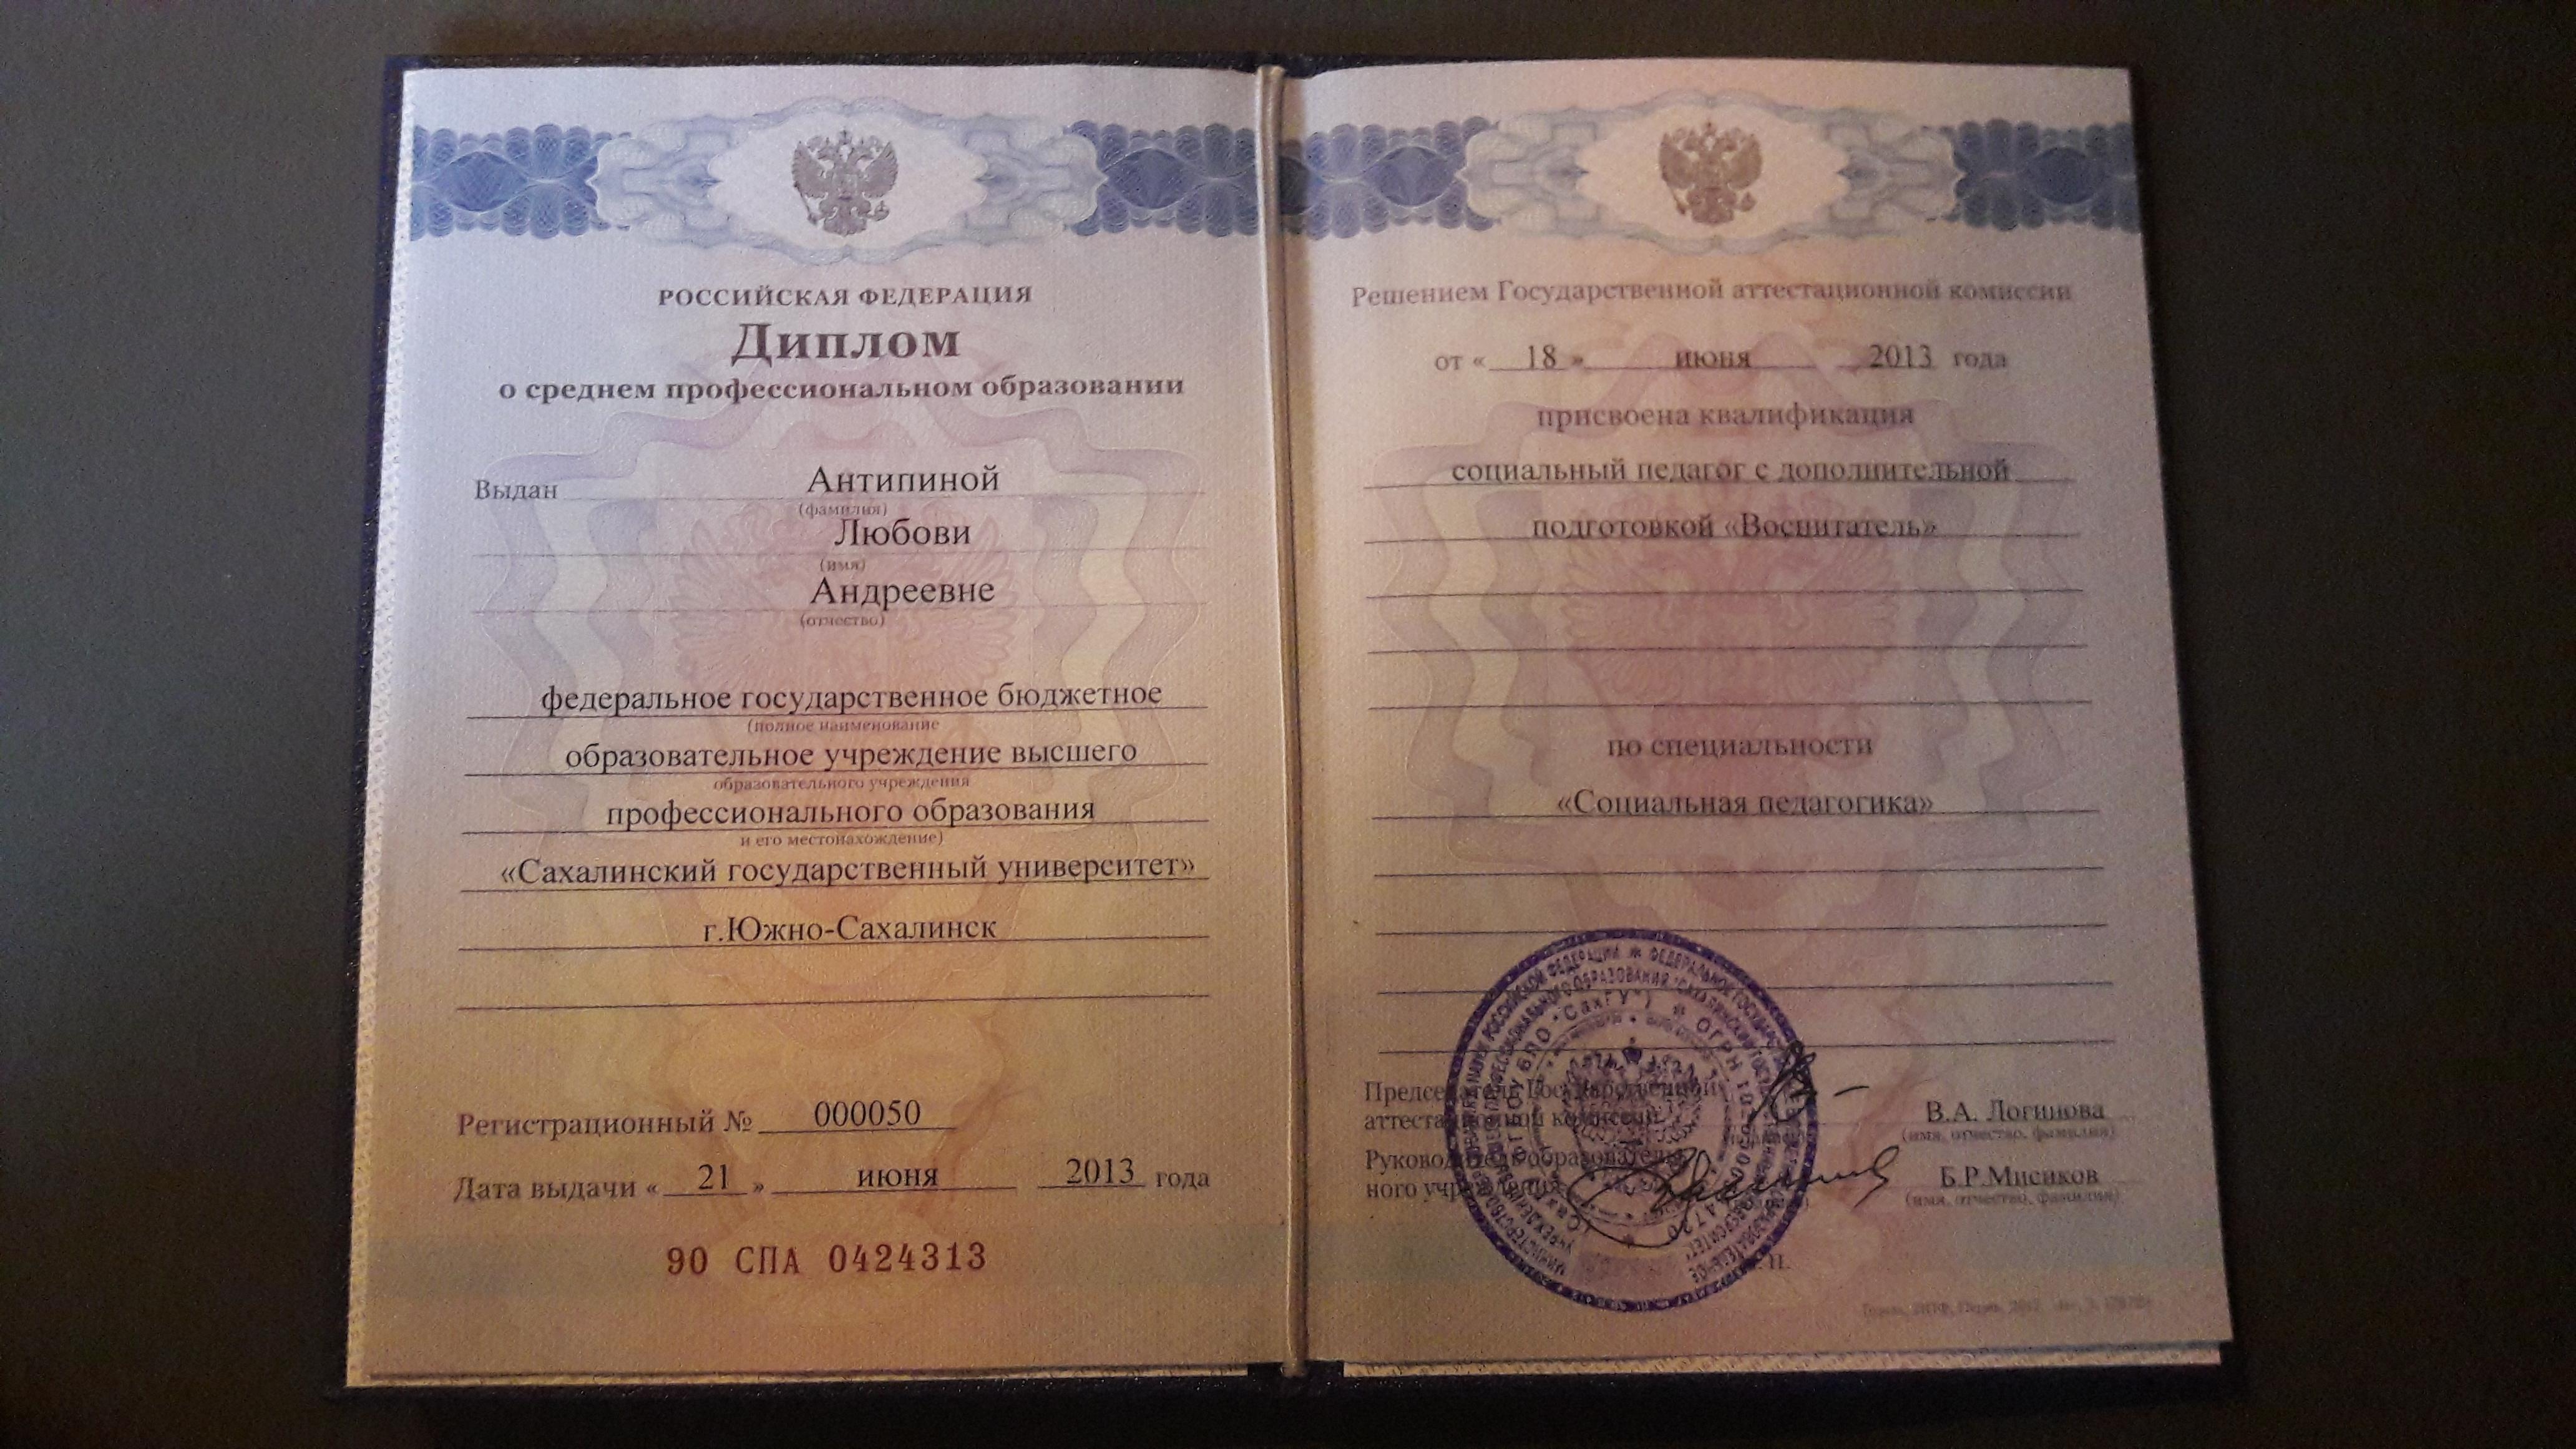 Любовь Антипина Педагогическое интернет сообщество УчПортфолио ру Копия диплома